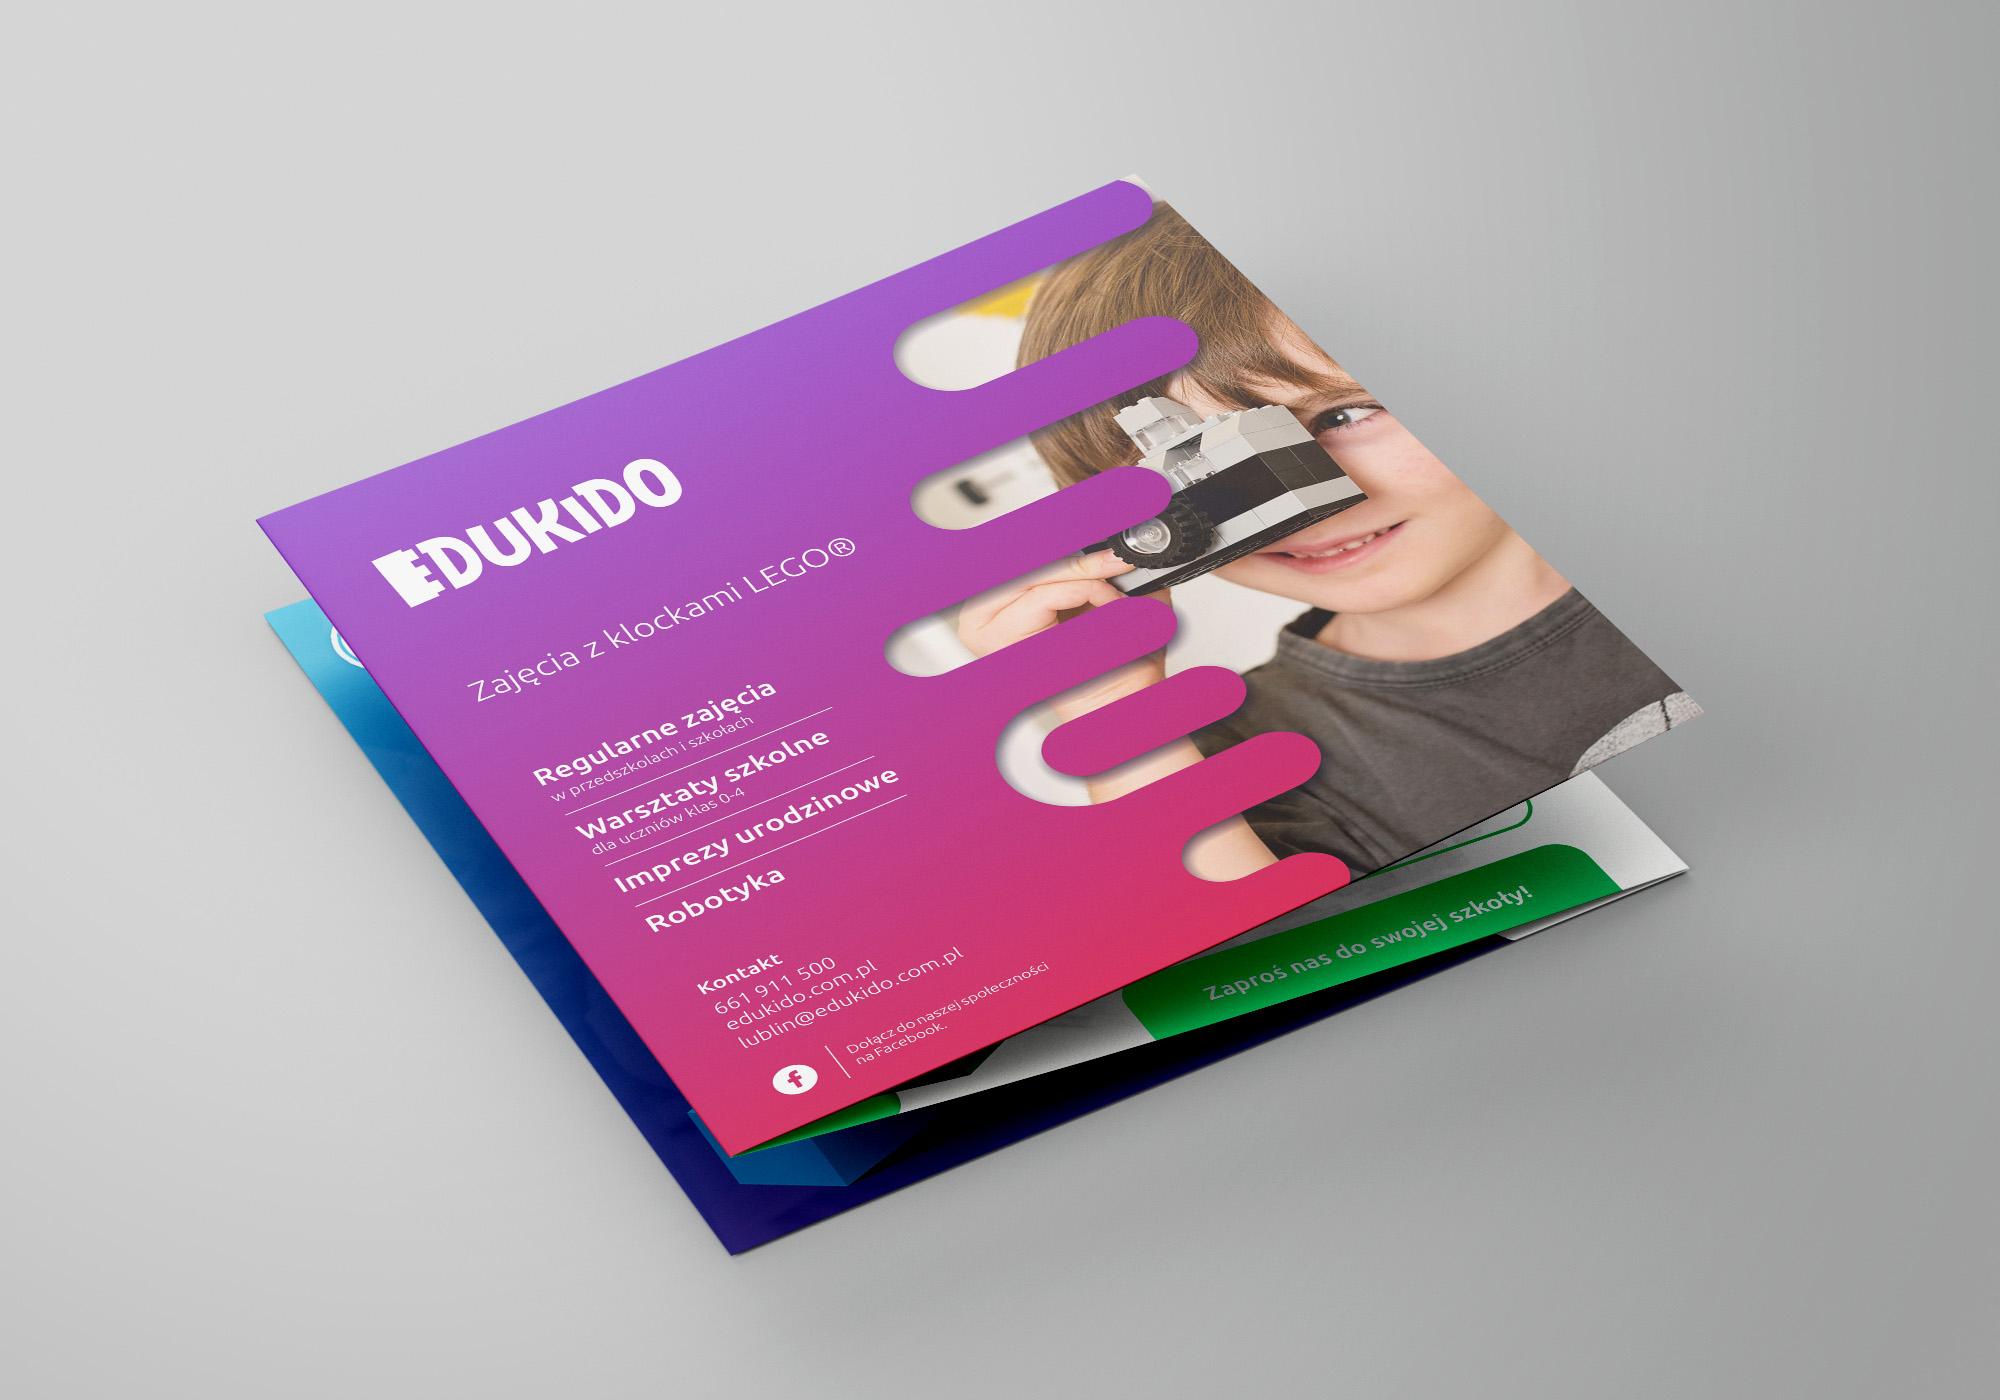 Projekt graficzny ulotki składanej dla firmy Edukido